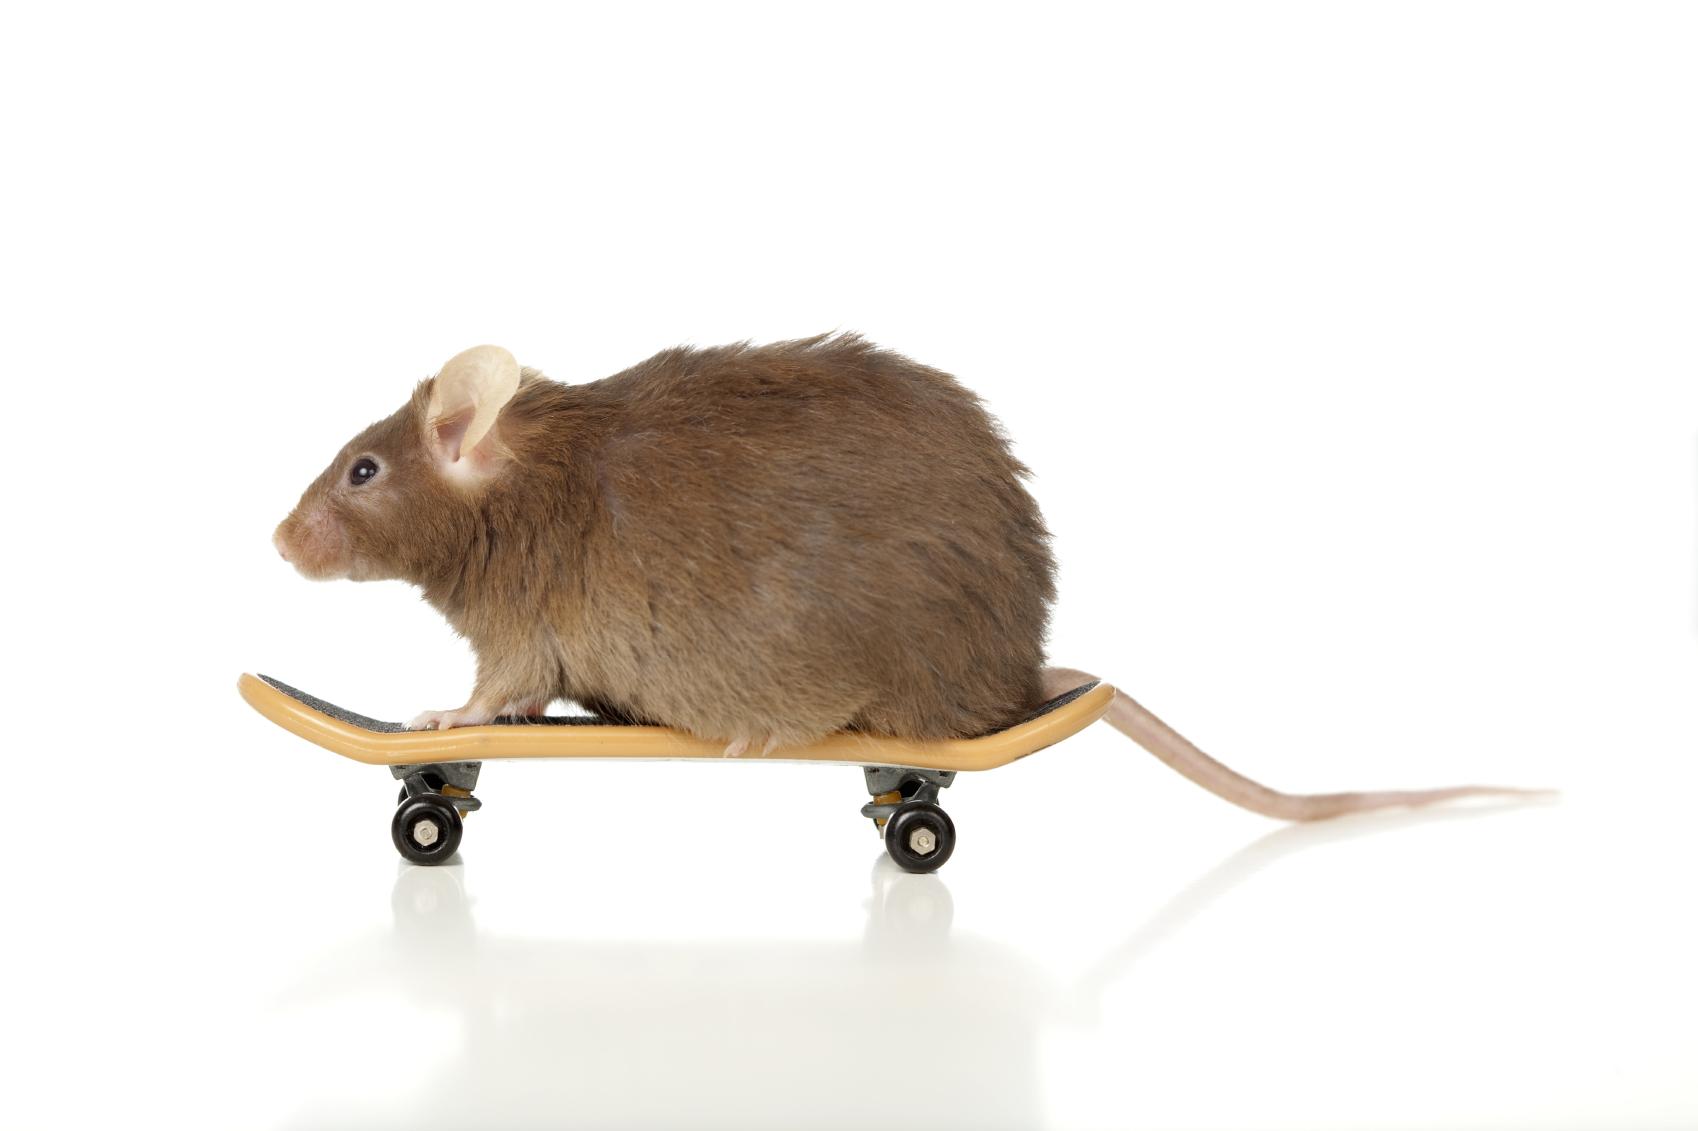 בחן את עצמך : כמה עכבר אתה?